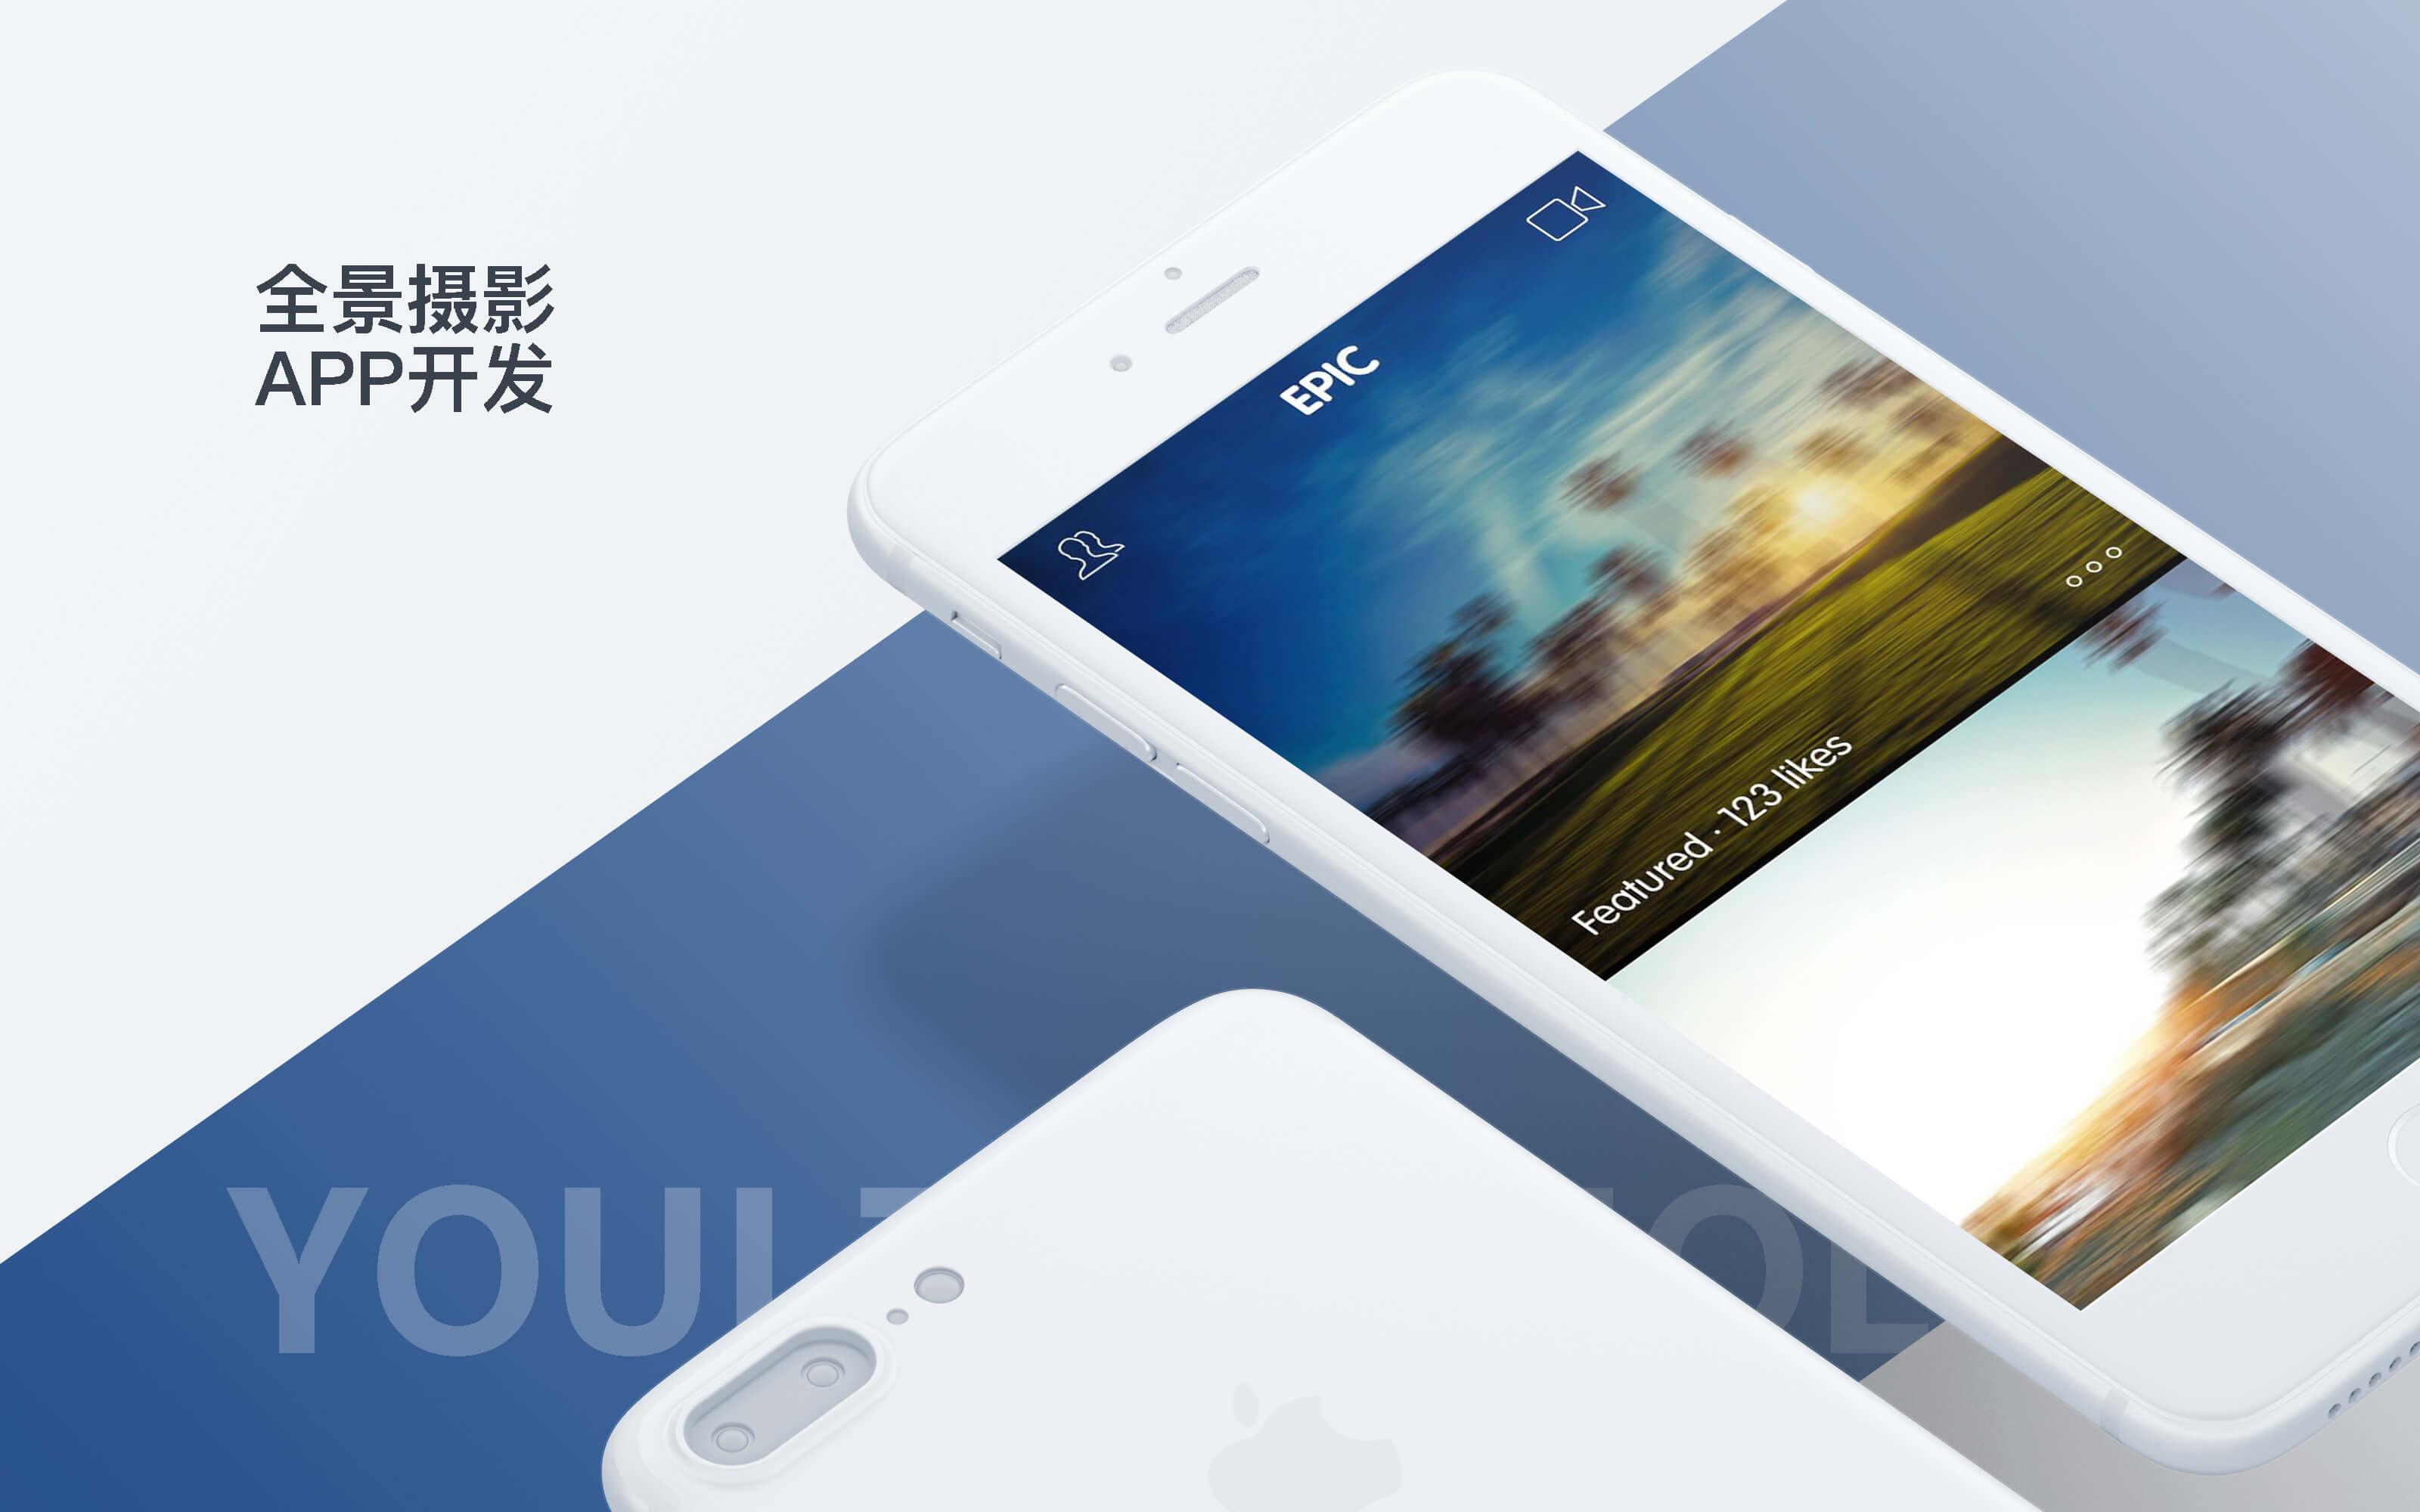 全景 app开发全景影像app全景摄影